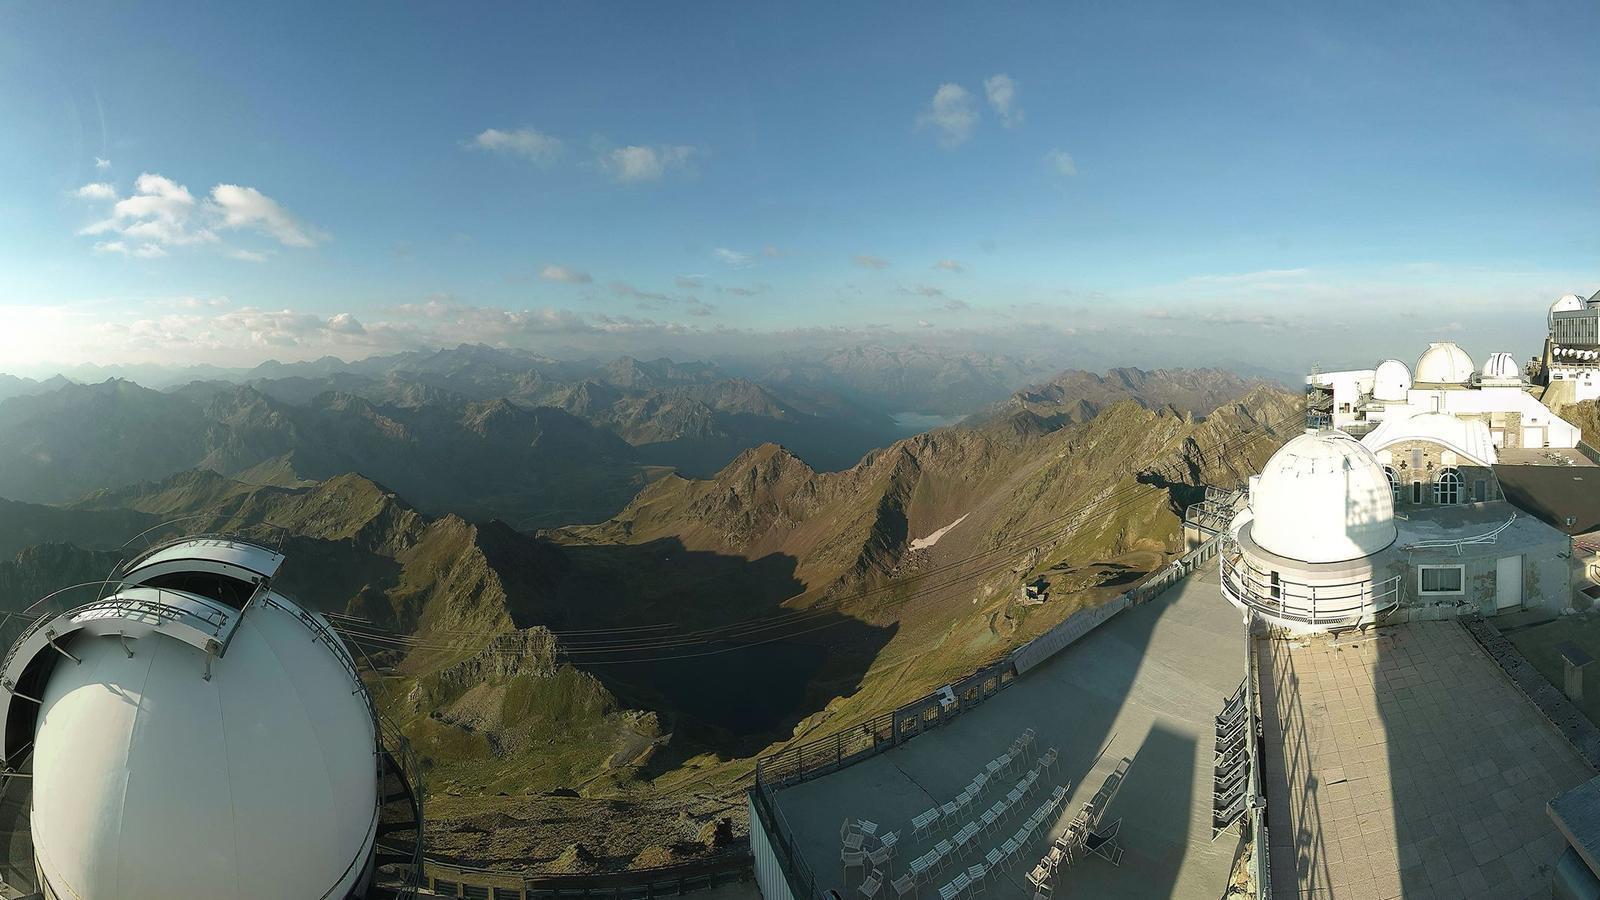 Imatge panoràmica del cim captada per la web cam de l'observatori / Pic du Midi